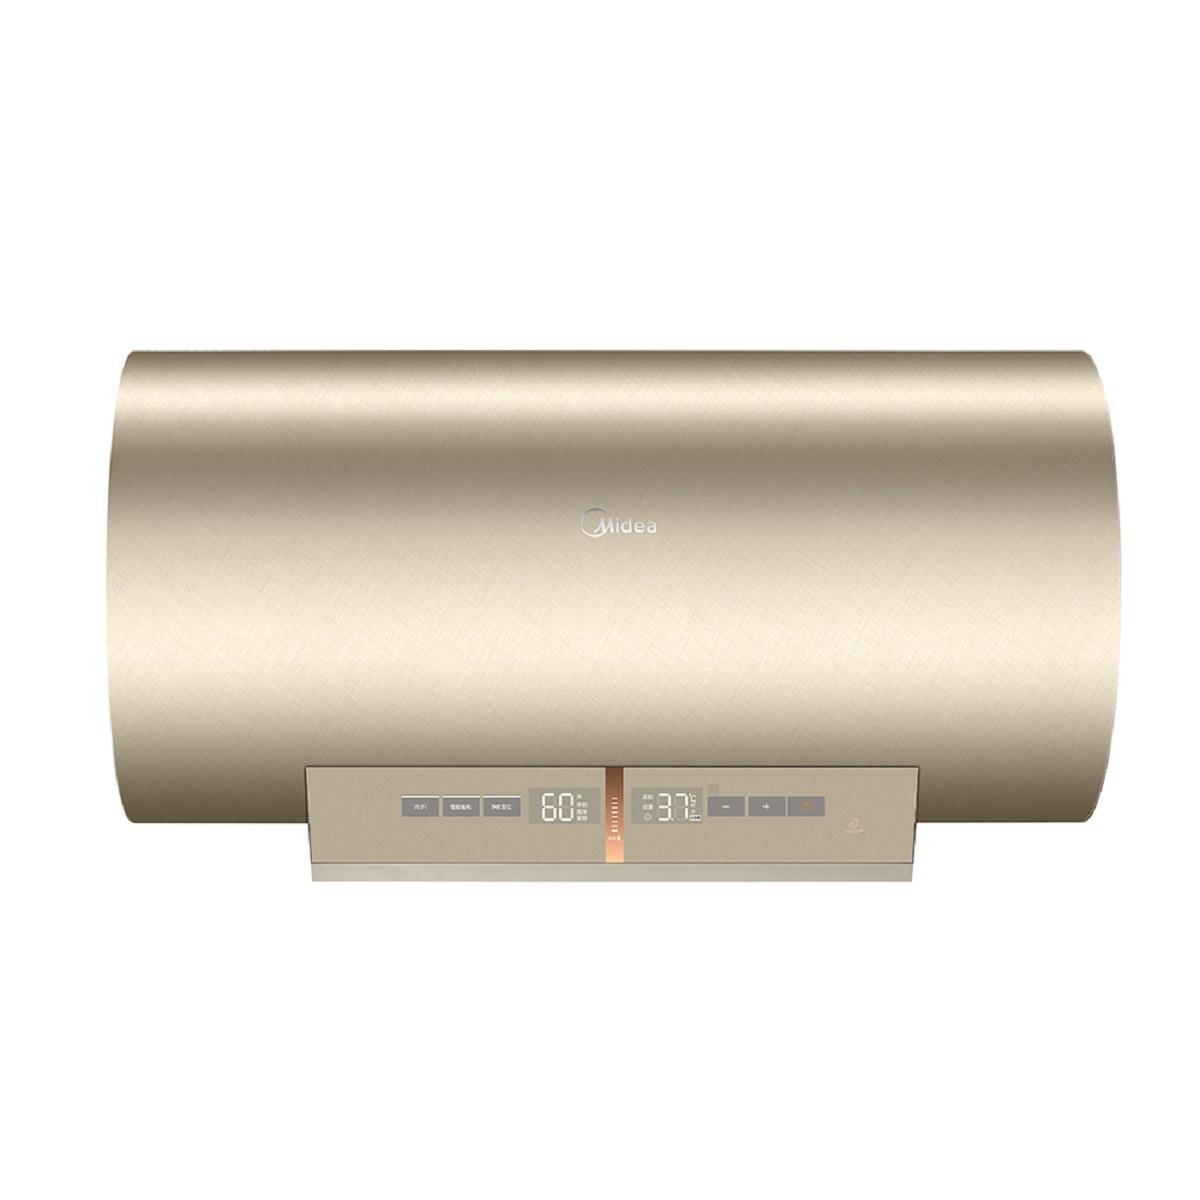 Midea/美的 F50-32QE6(HEY) 电热水器 说明书.pdf